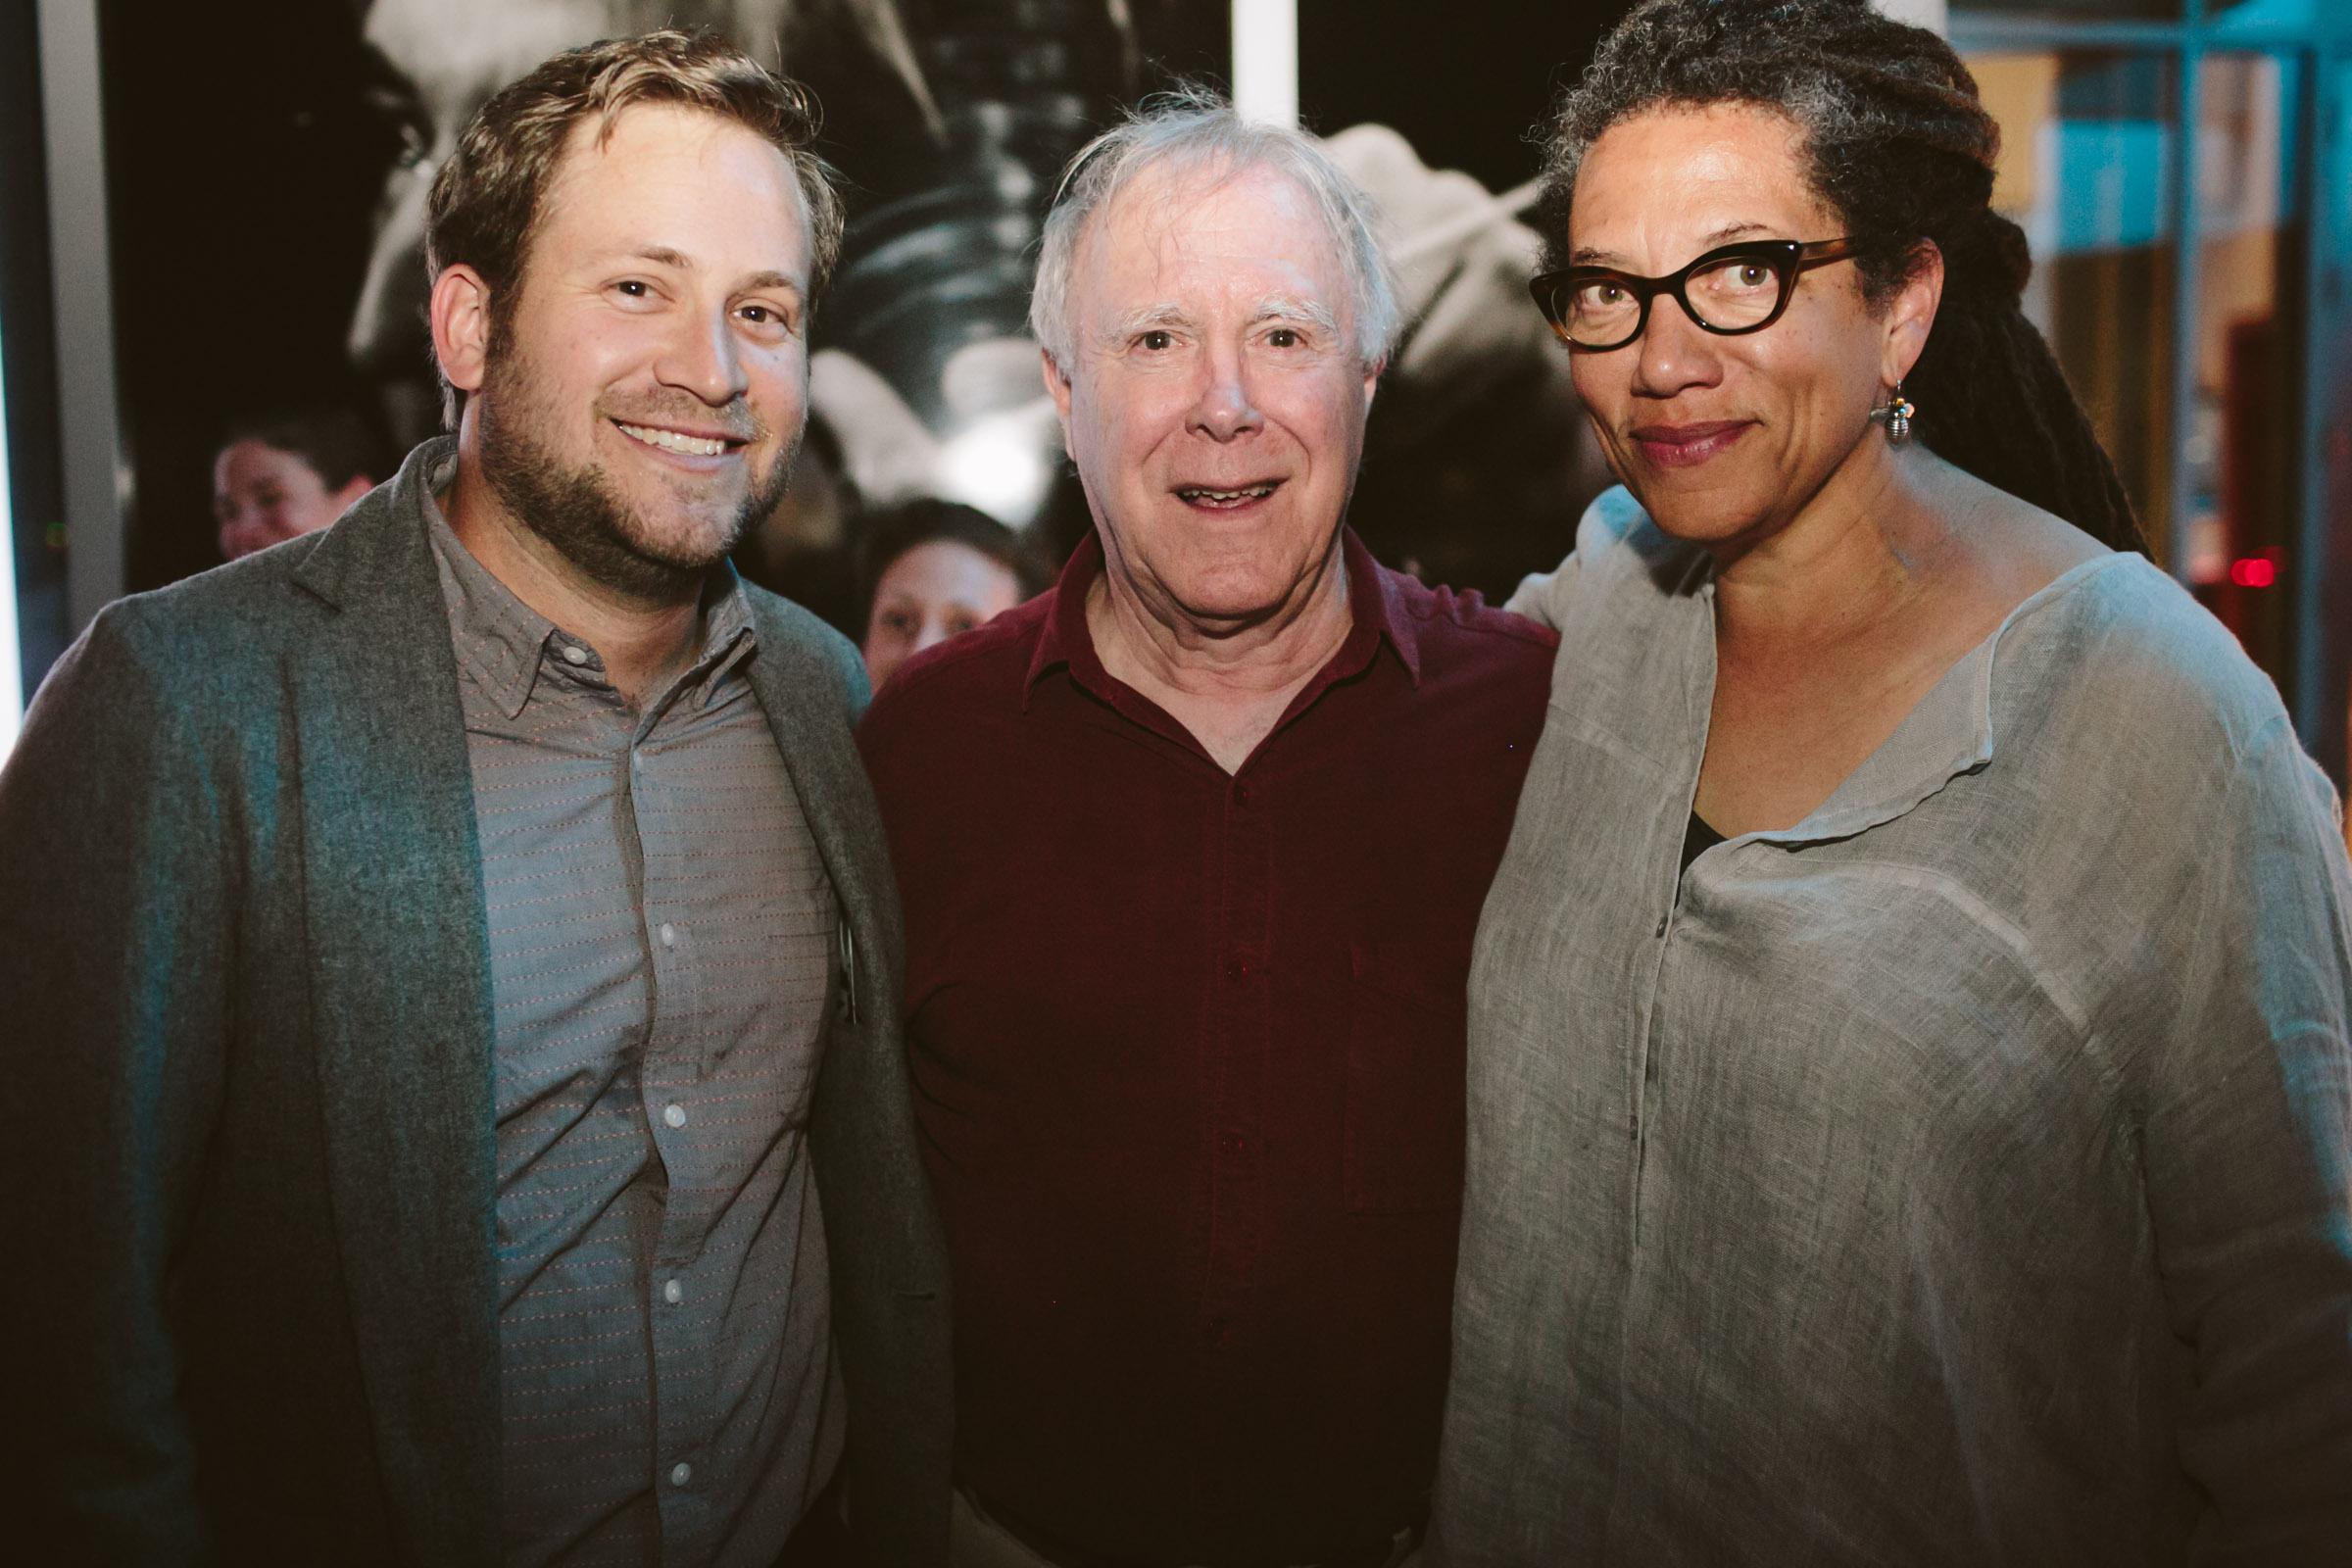 Scott Cunningham, Robert Hass, and Nikky Finney.